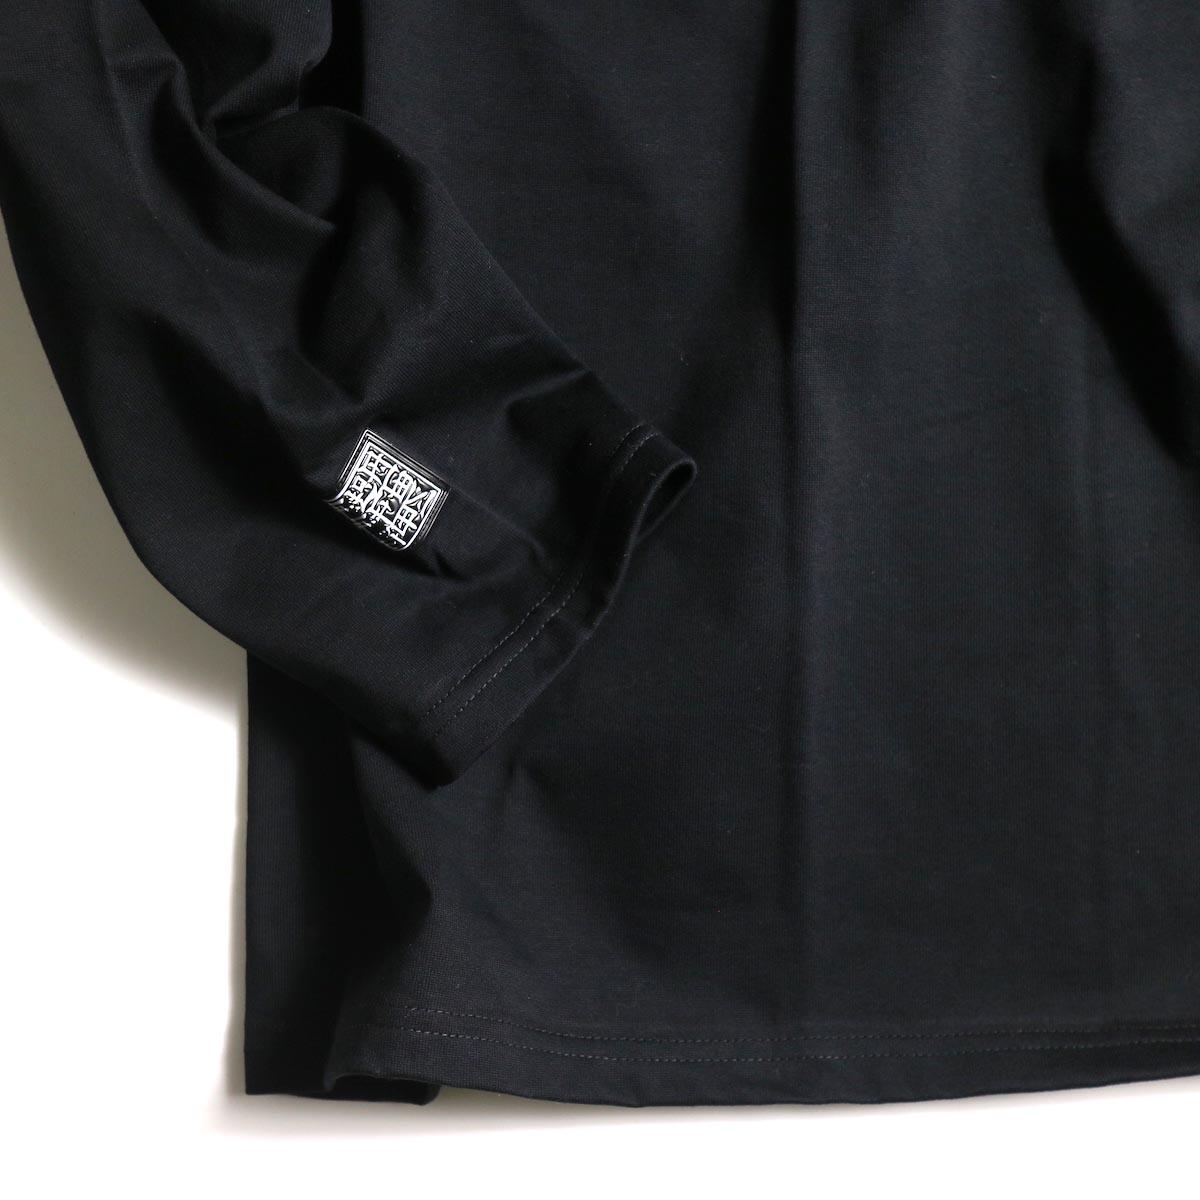 F-LAGSTUF-F  / ZIP BIG L/S Tee (Black)袖